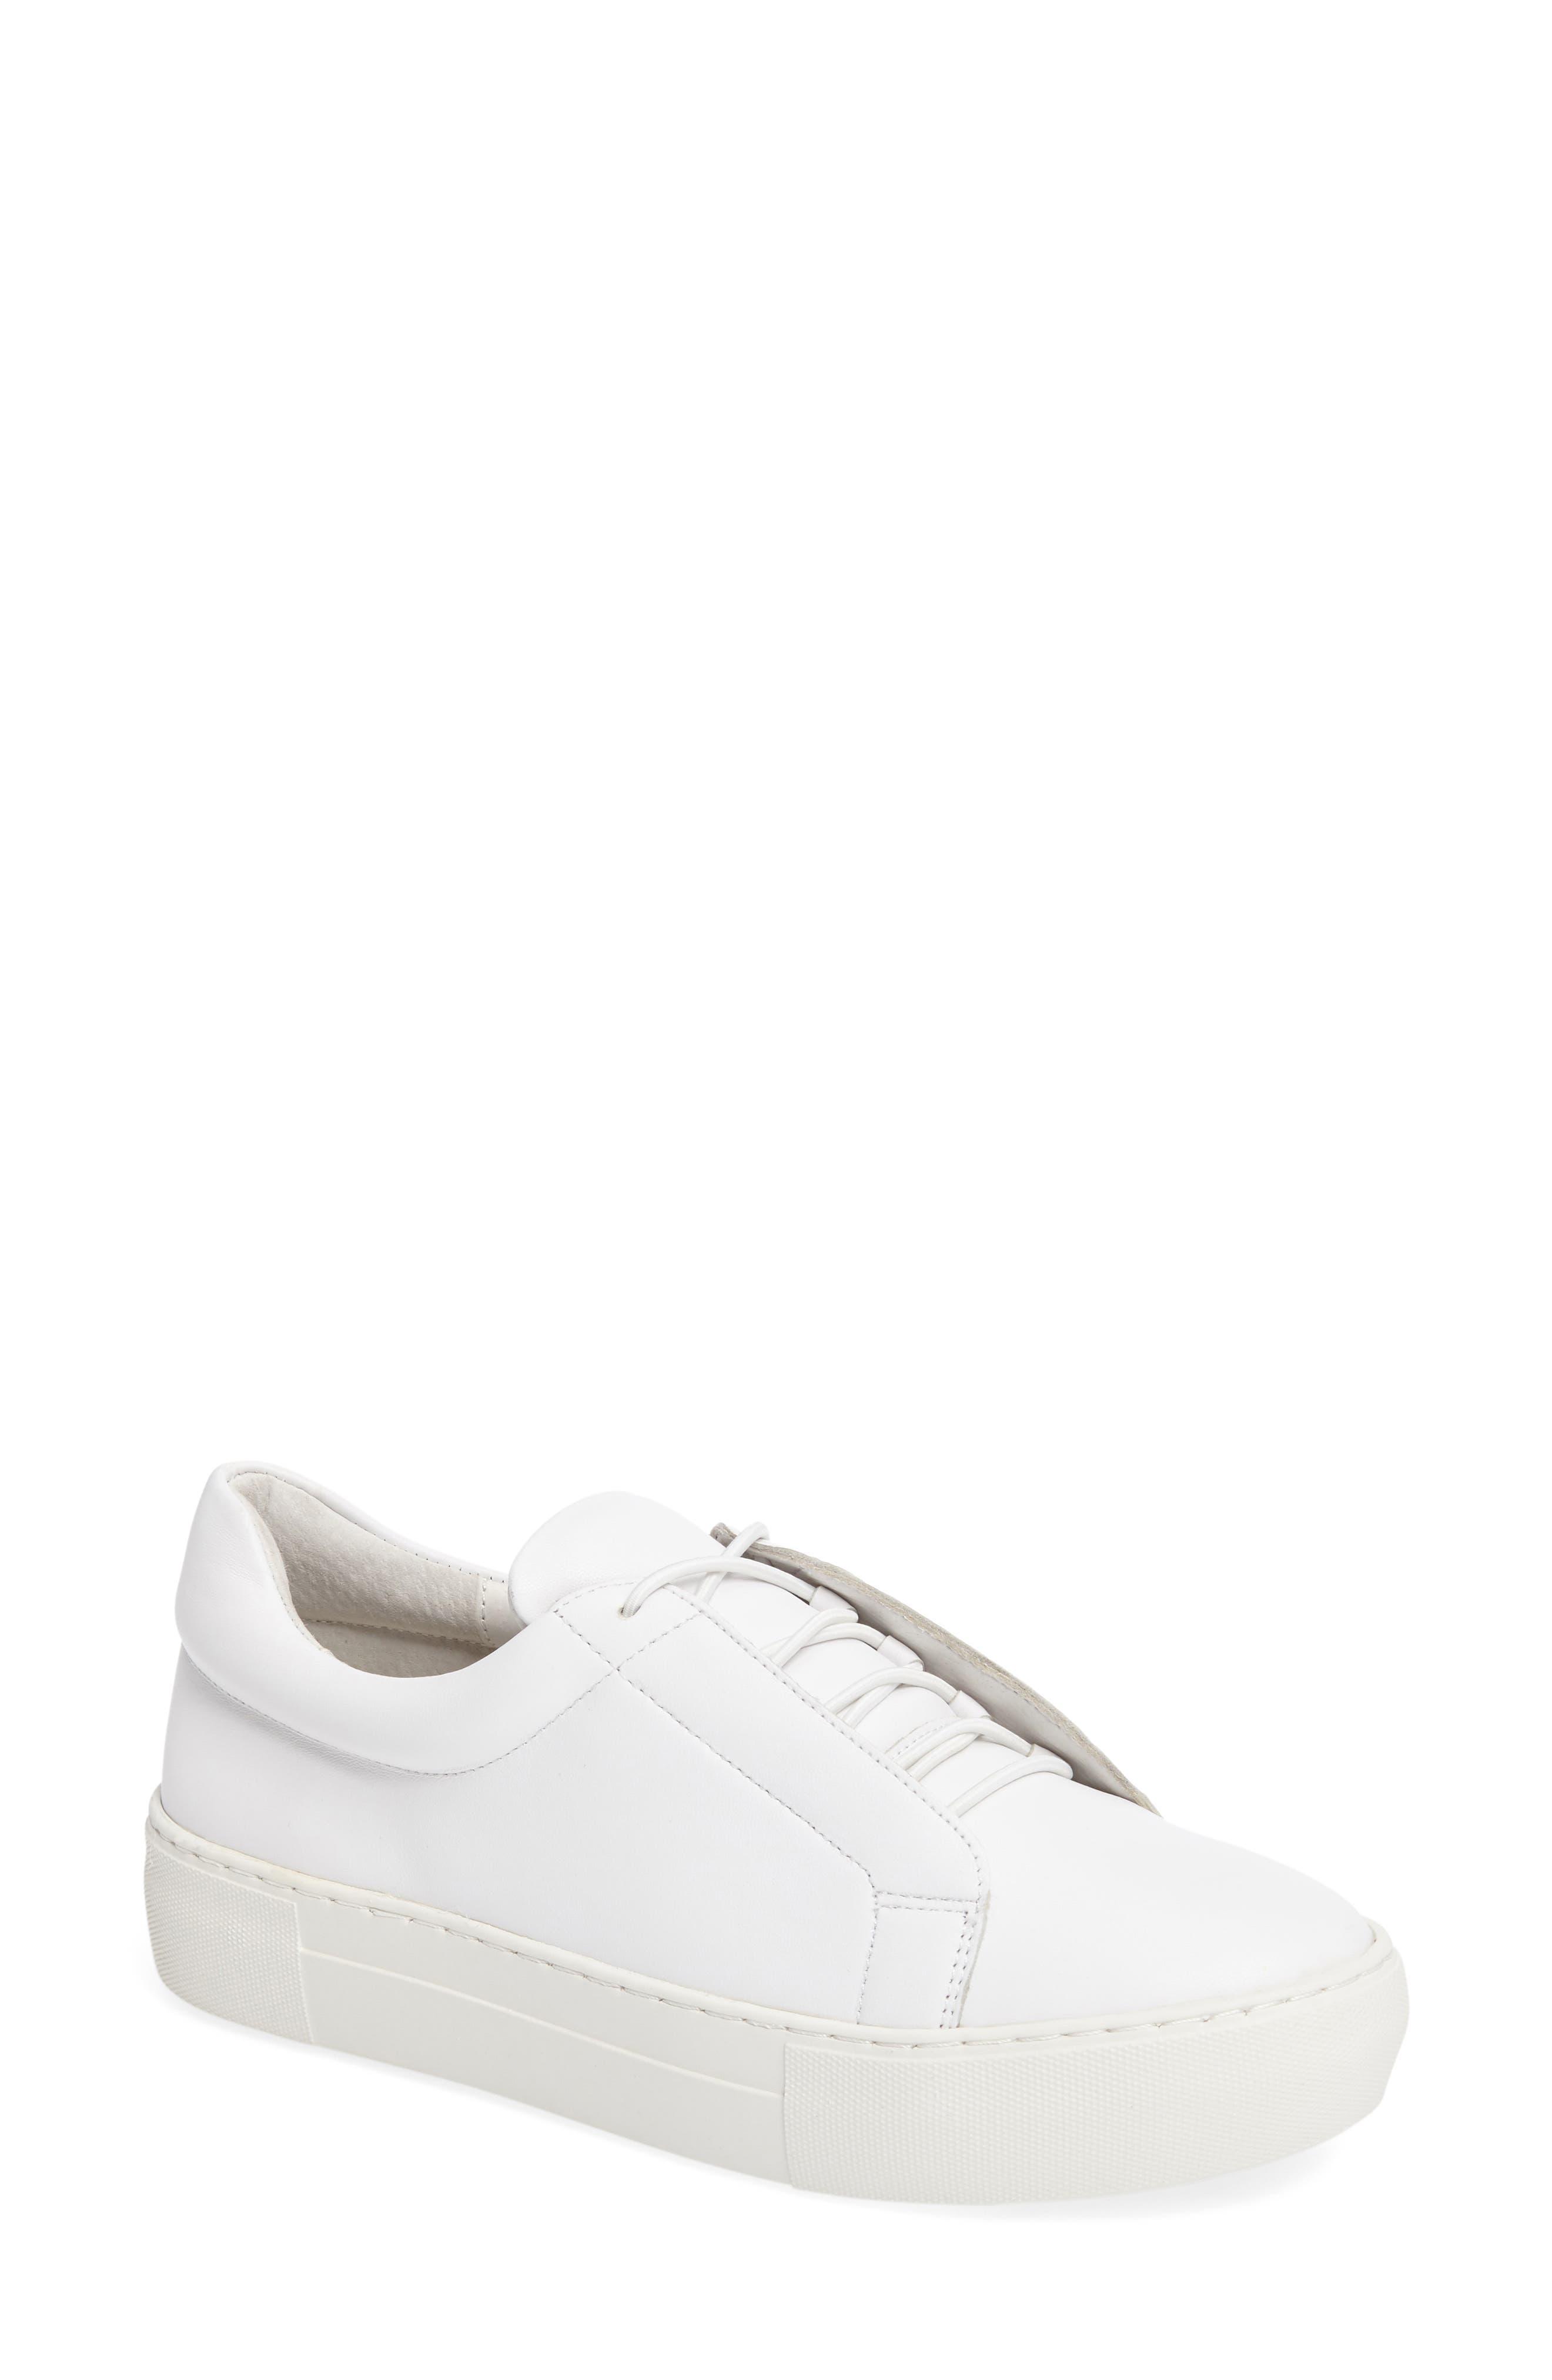 Alternate Image 1 Selected - JSlides Alice Platform Sneaker (Women)